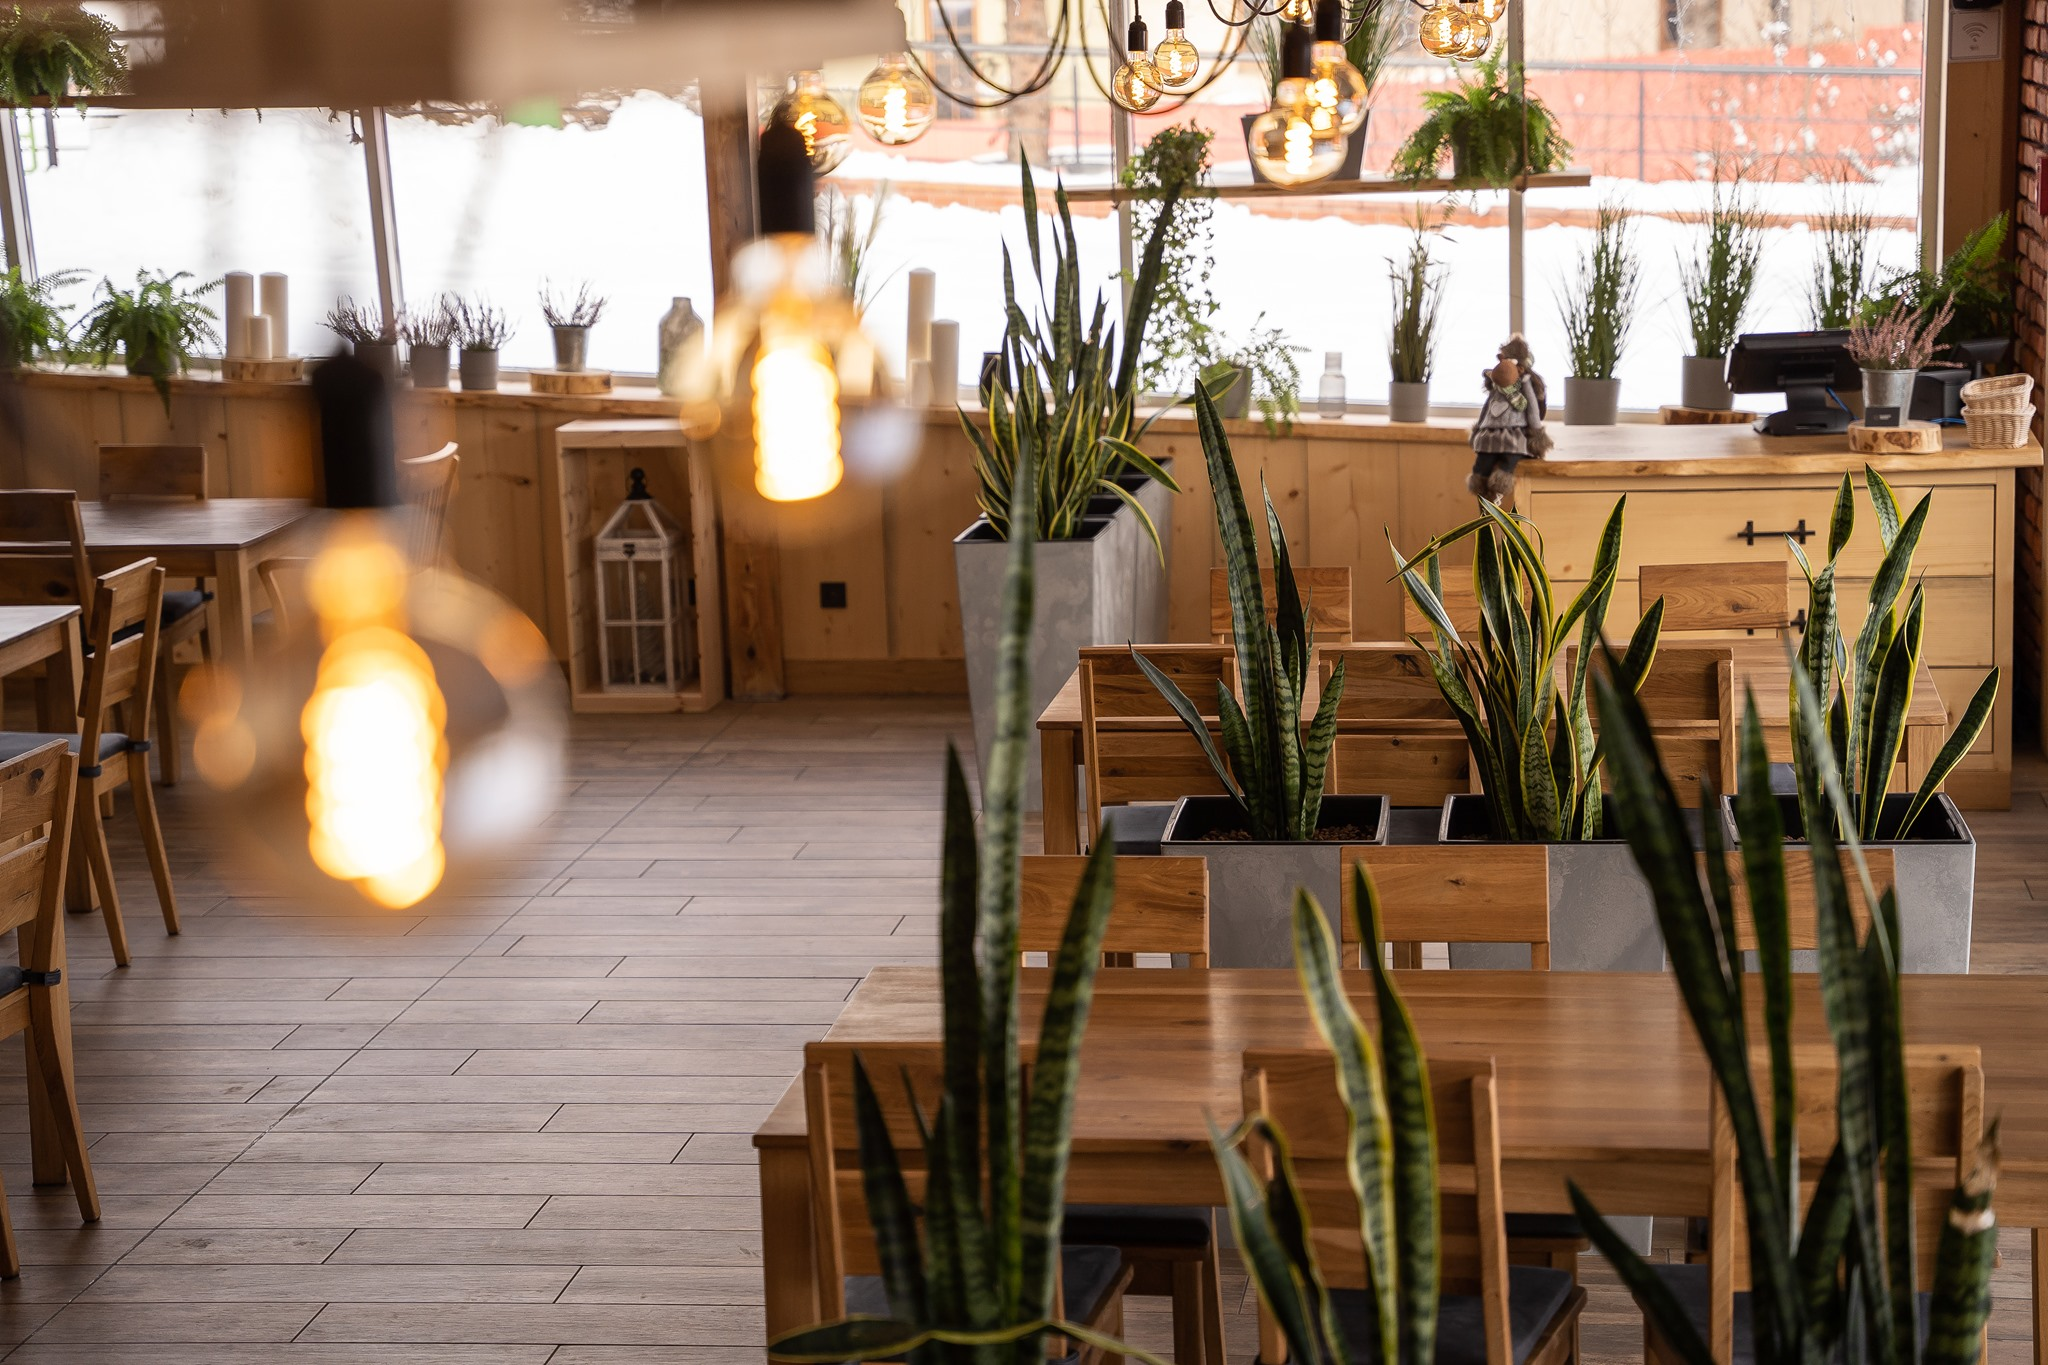 Restauracja Na Starym Tartaku:  Zamawianie na wynos nic nam nie daje